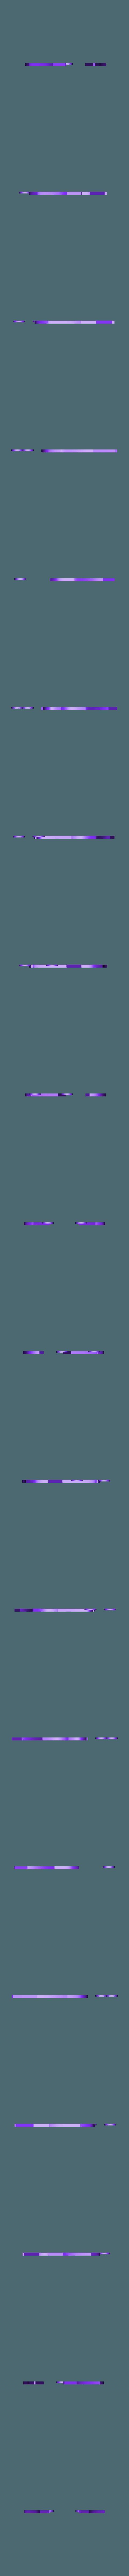 RED.stl Télécharger fichier STL gratuit Insigne du Seigneur des Étoiles • Modèle pour impression 3D, 3Dimpact